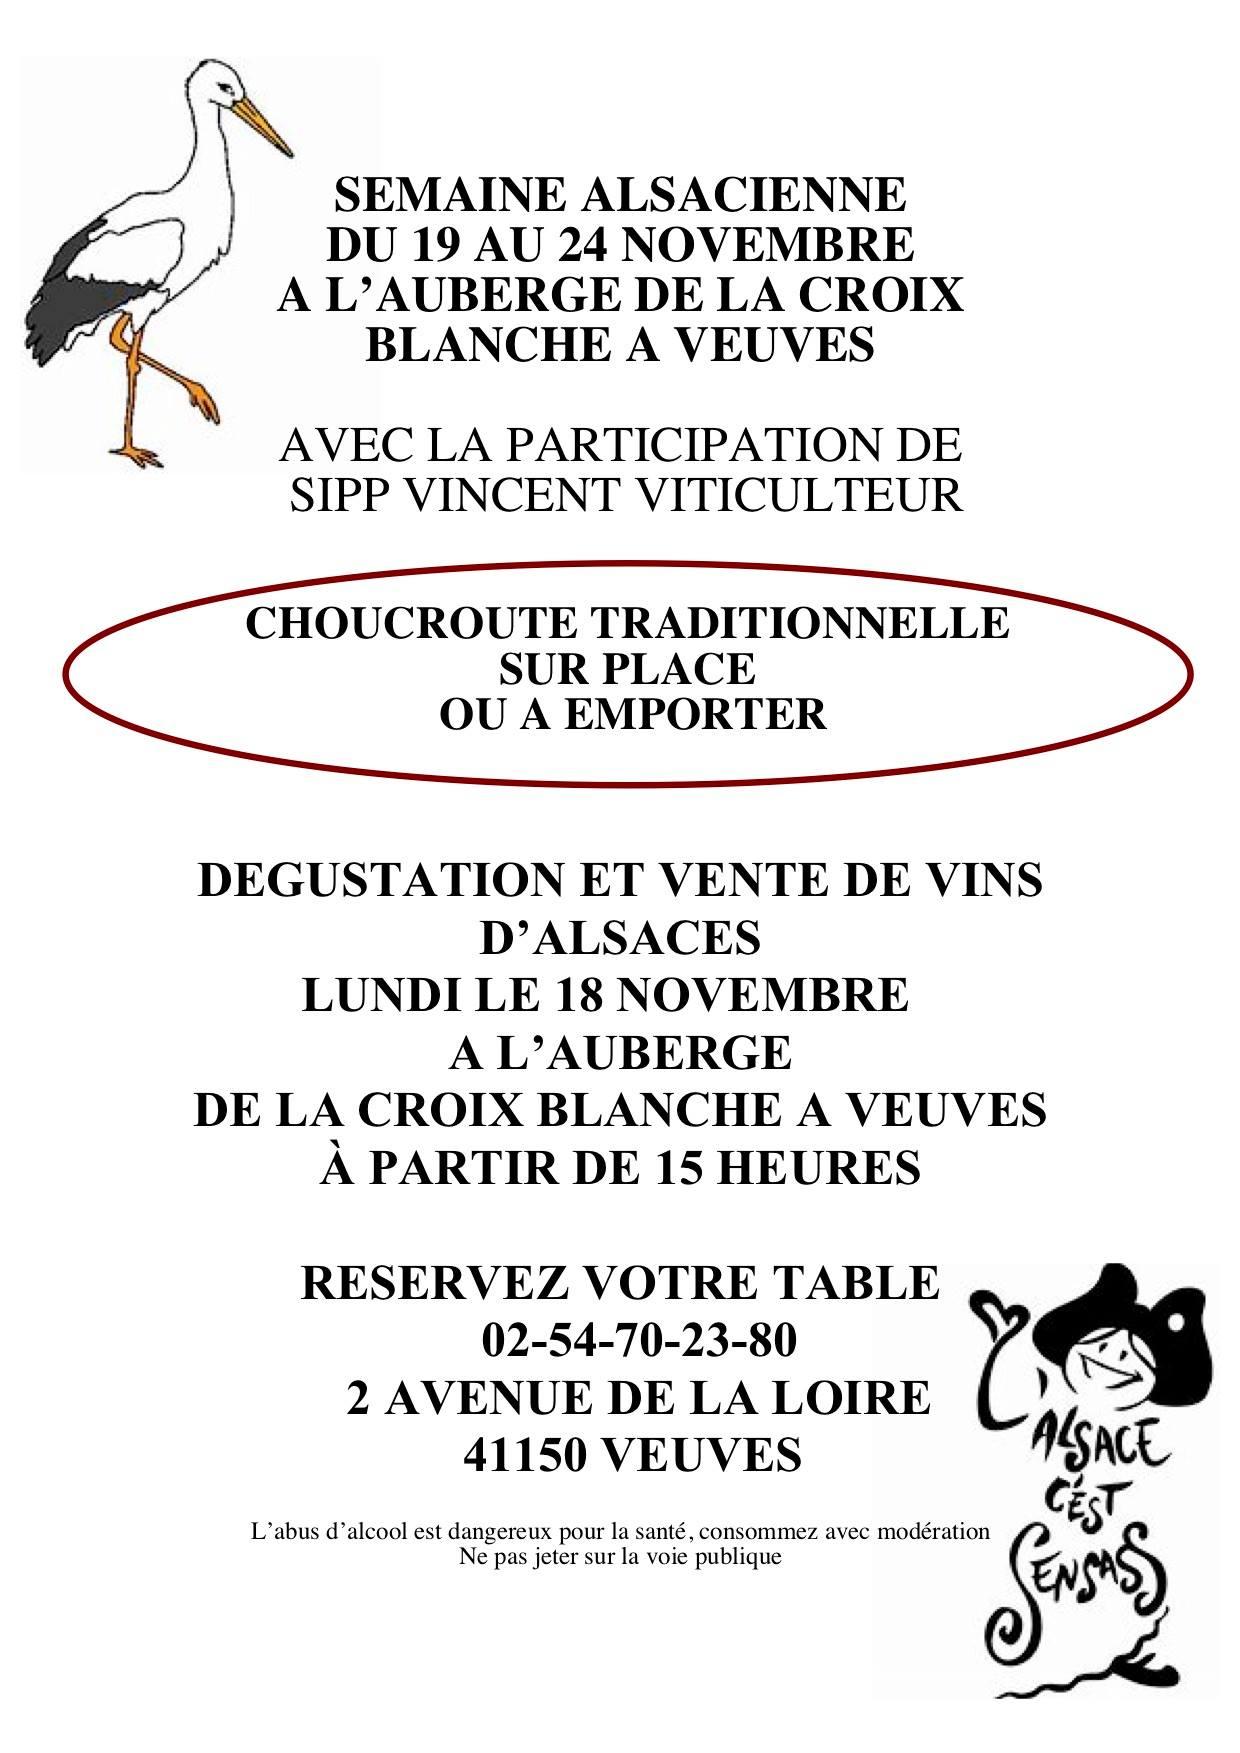 """La semaine """"Alsacienne"""" de La Croix Blanche, avant !"""